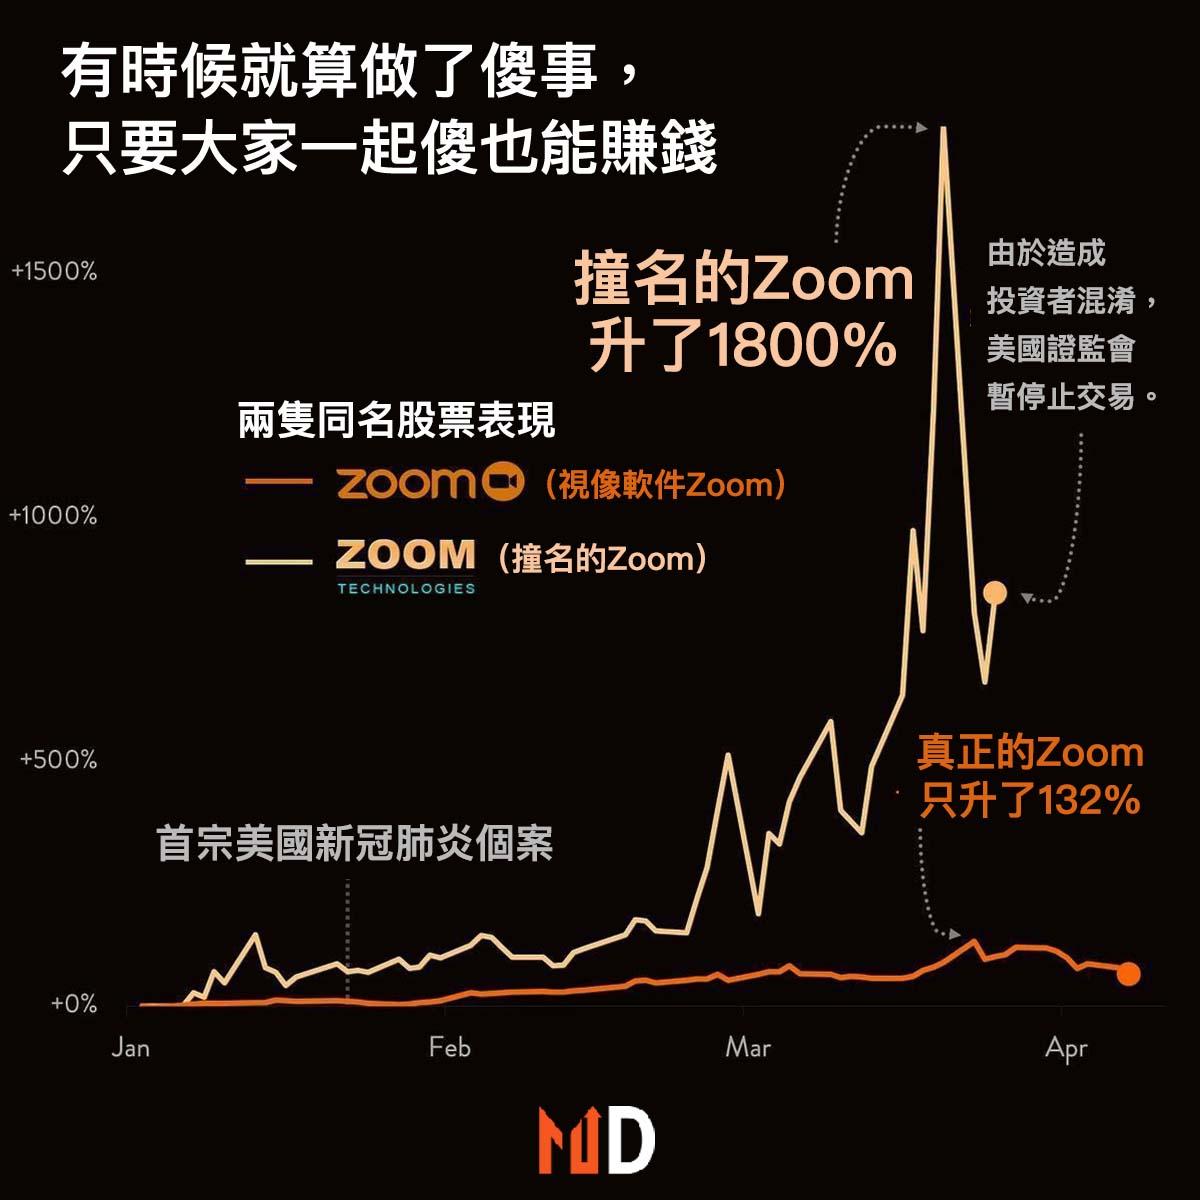 【#圖解股市】撞名Zoom比正牌Zoom升得還要多